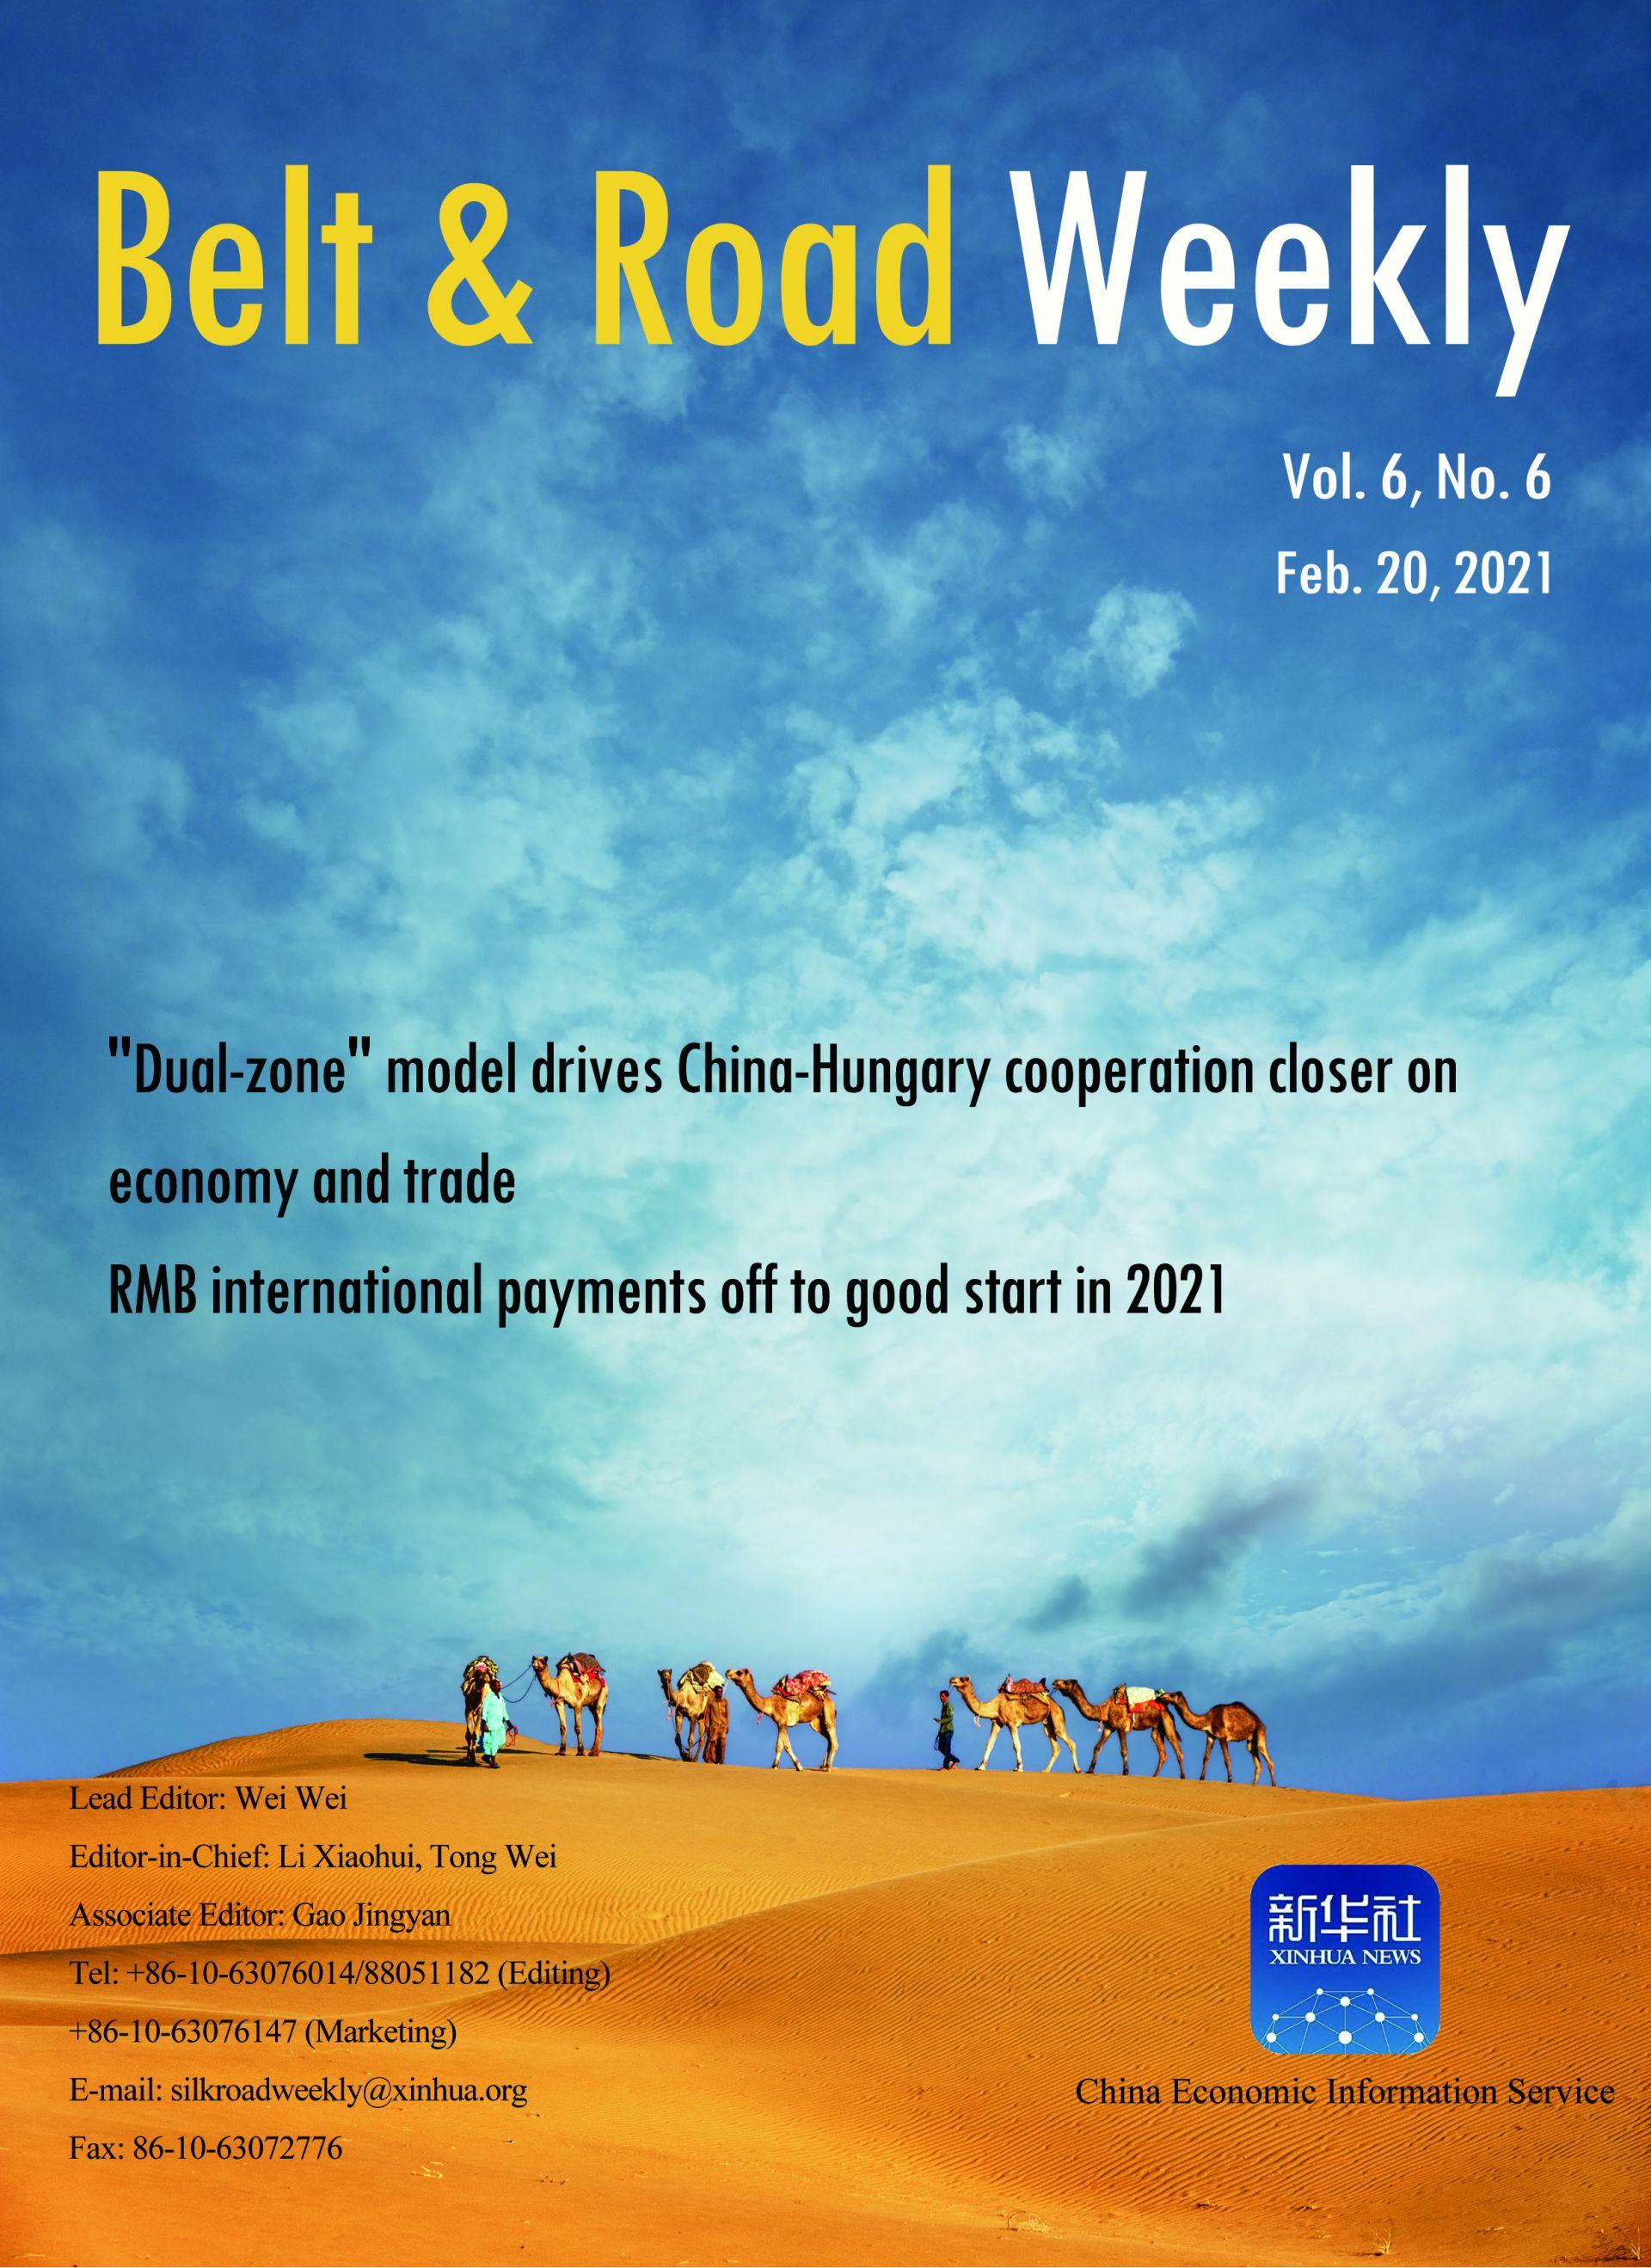 Belt & Road Weekly Vol. 6 No. 6